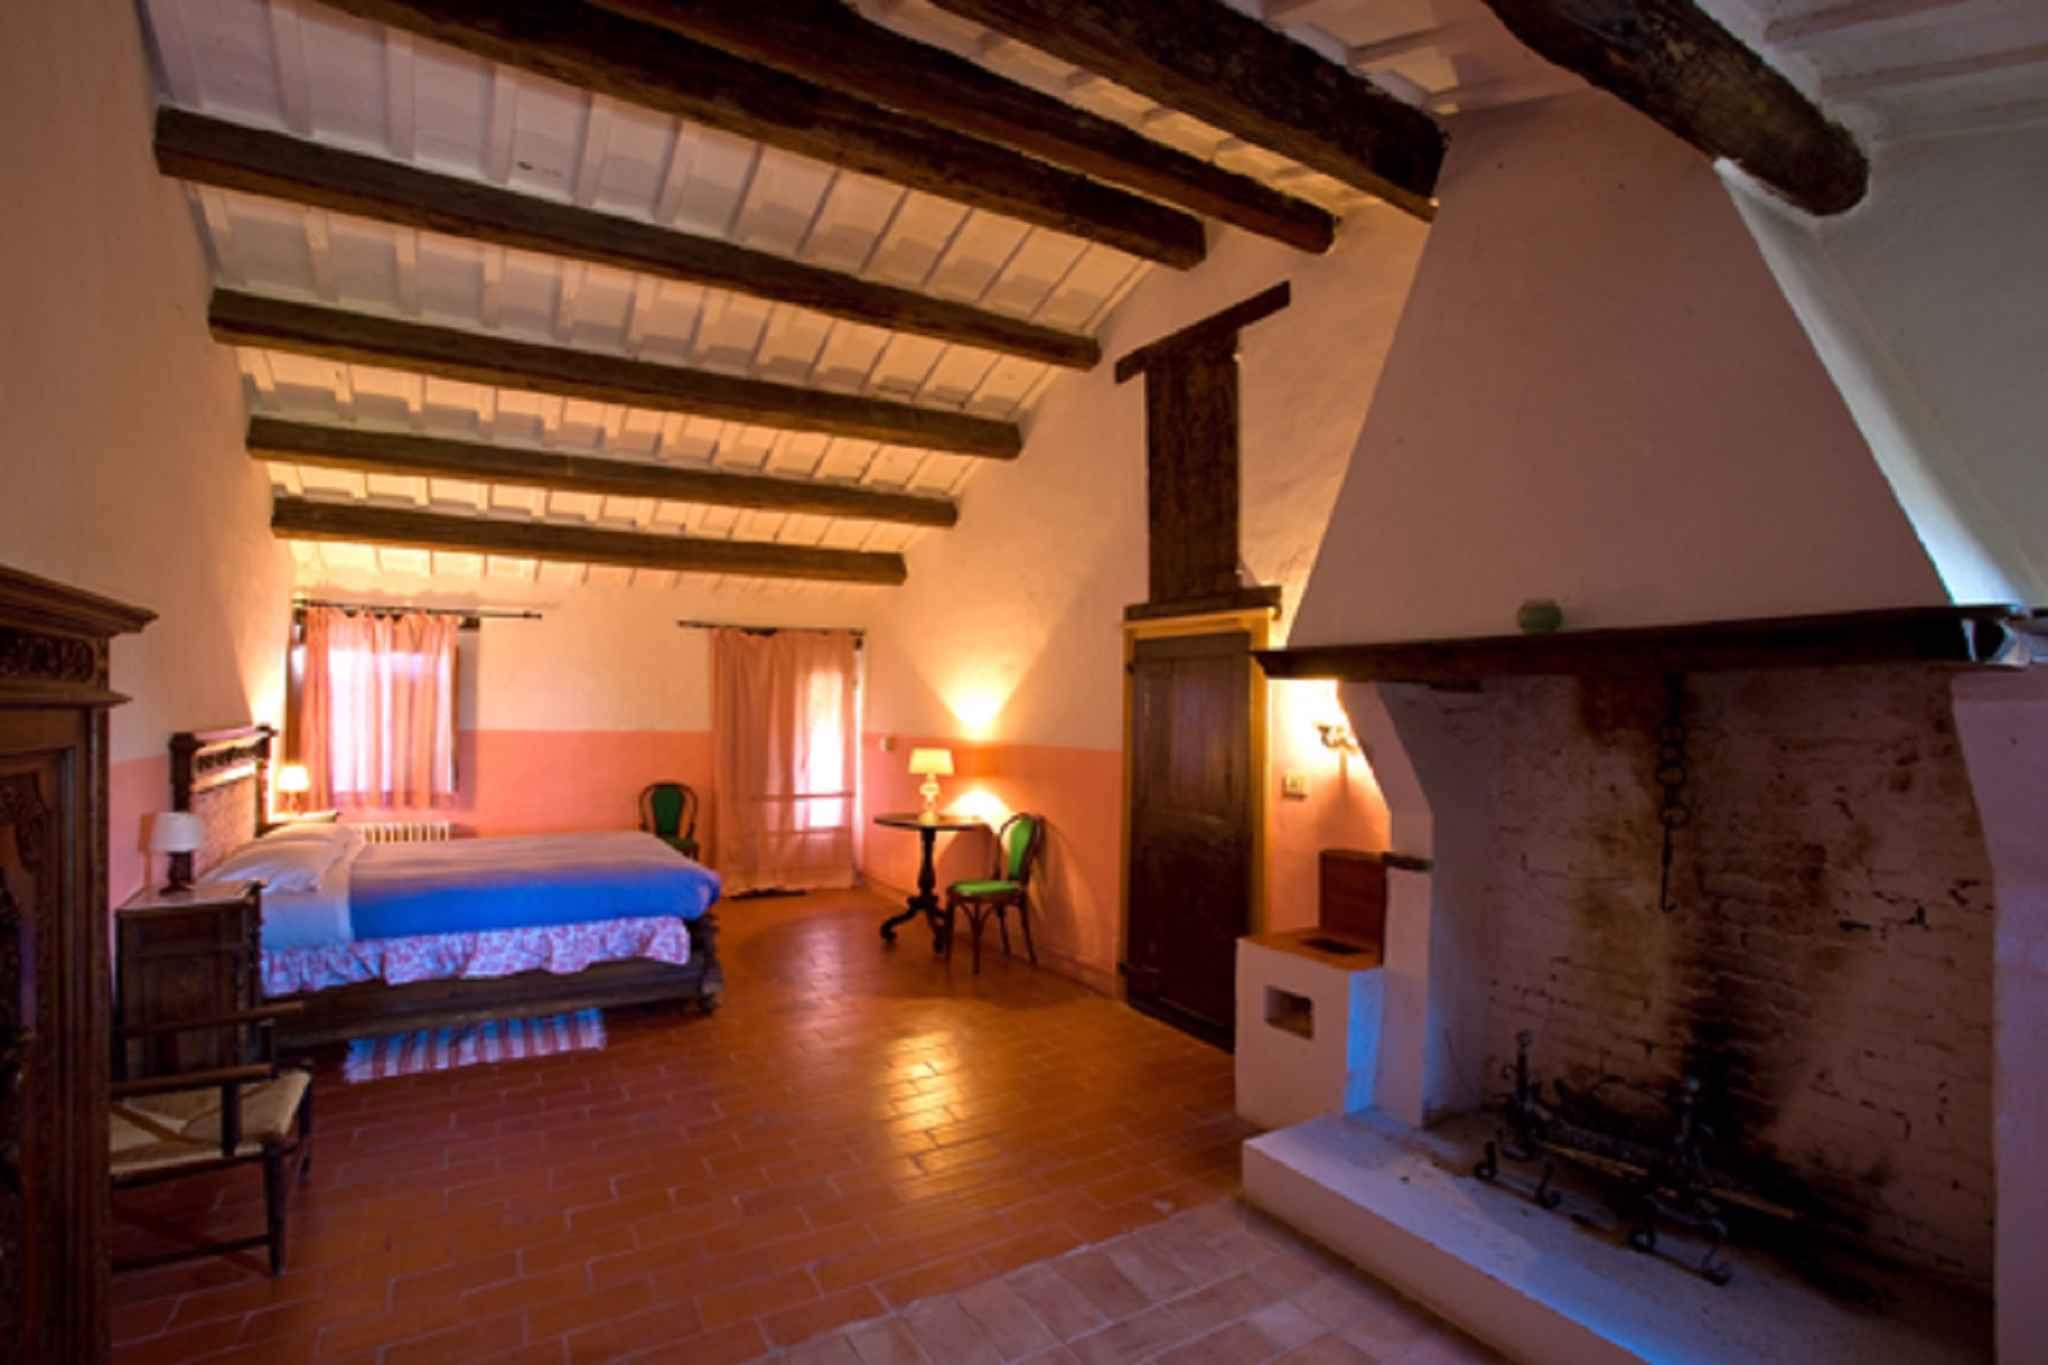 Ferienhaus per 15 persone con piscina (602147), Jesi, Ancona, Marken, Italien, Bild 25